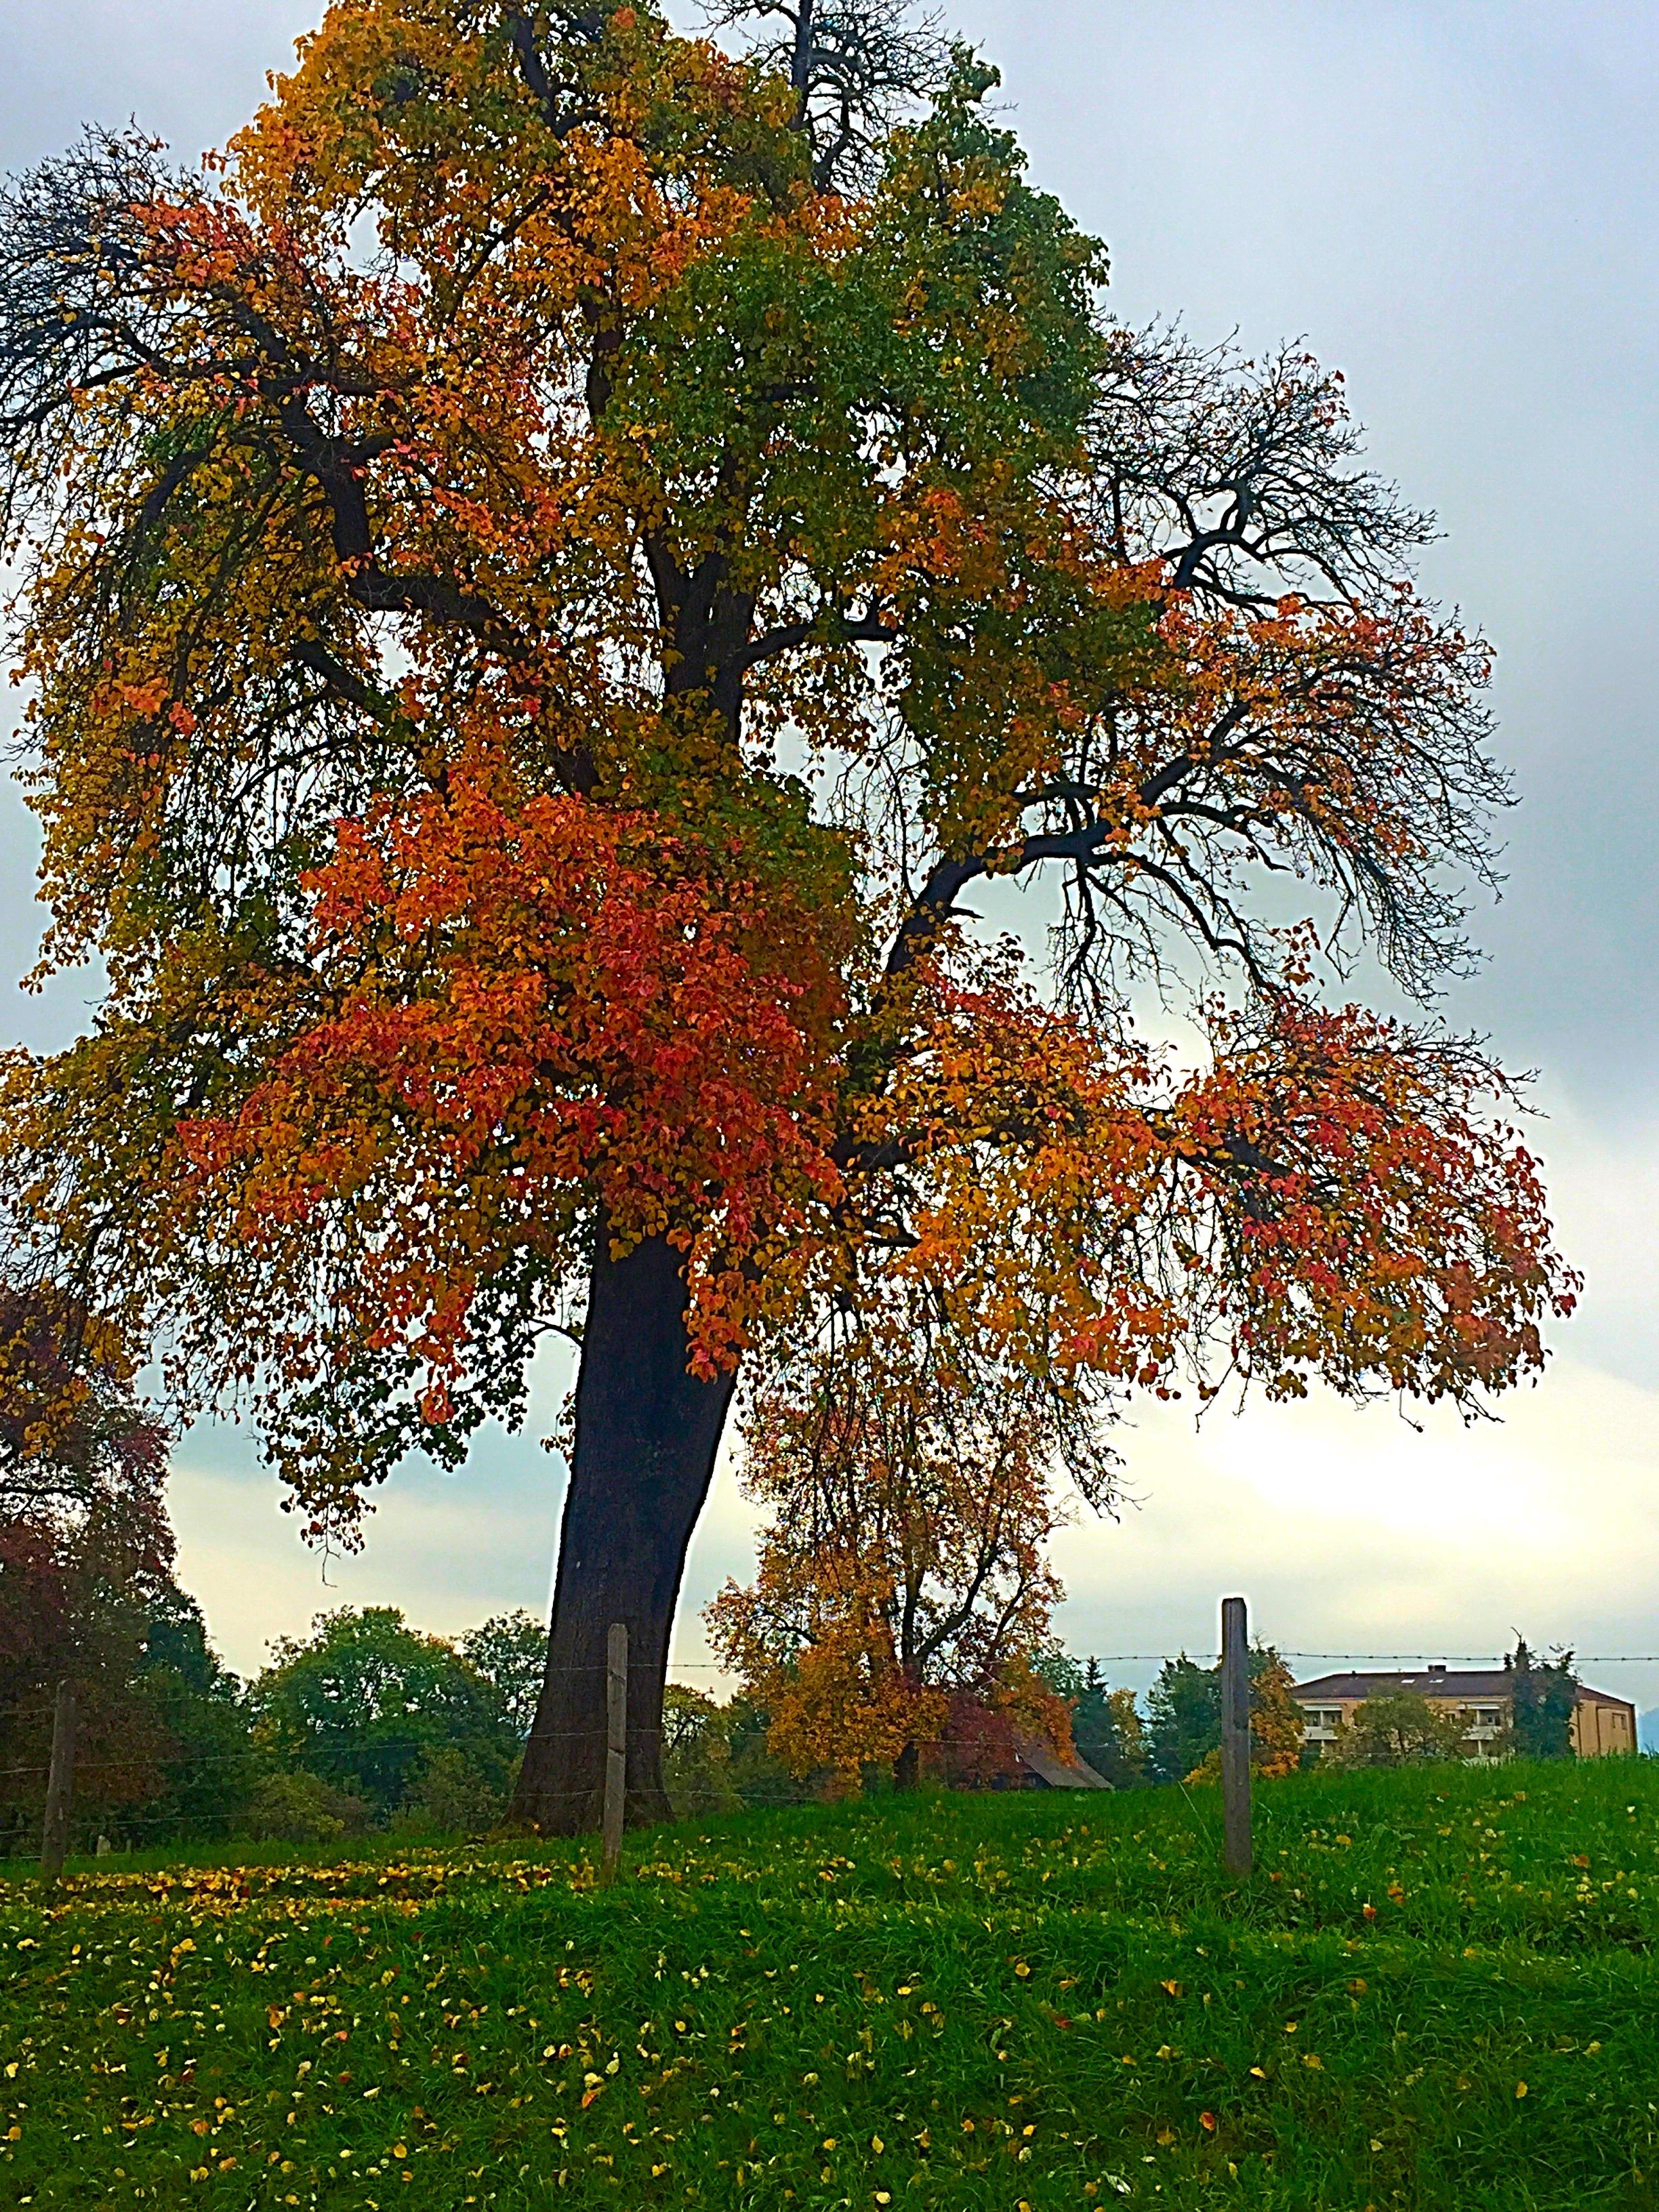 Switzerland fall foliage